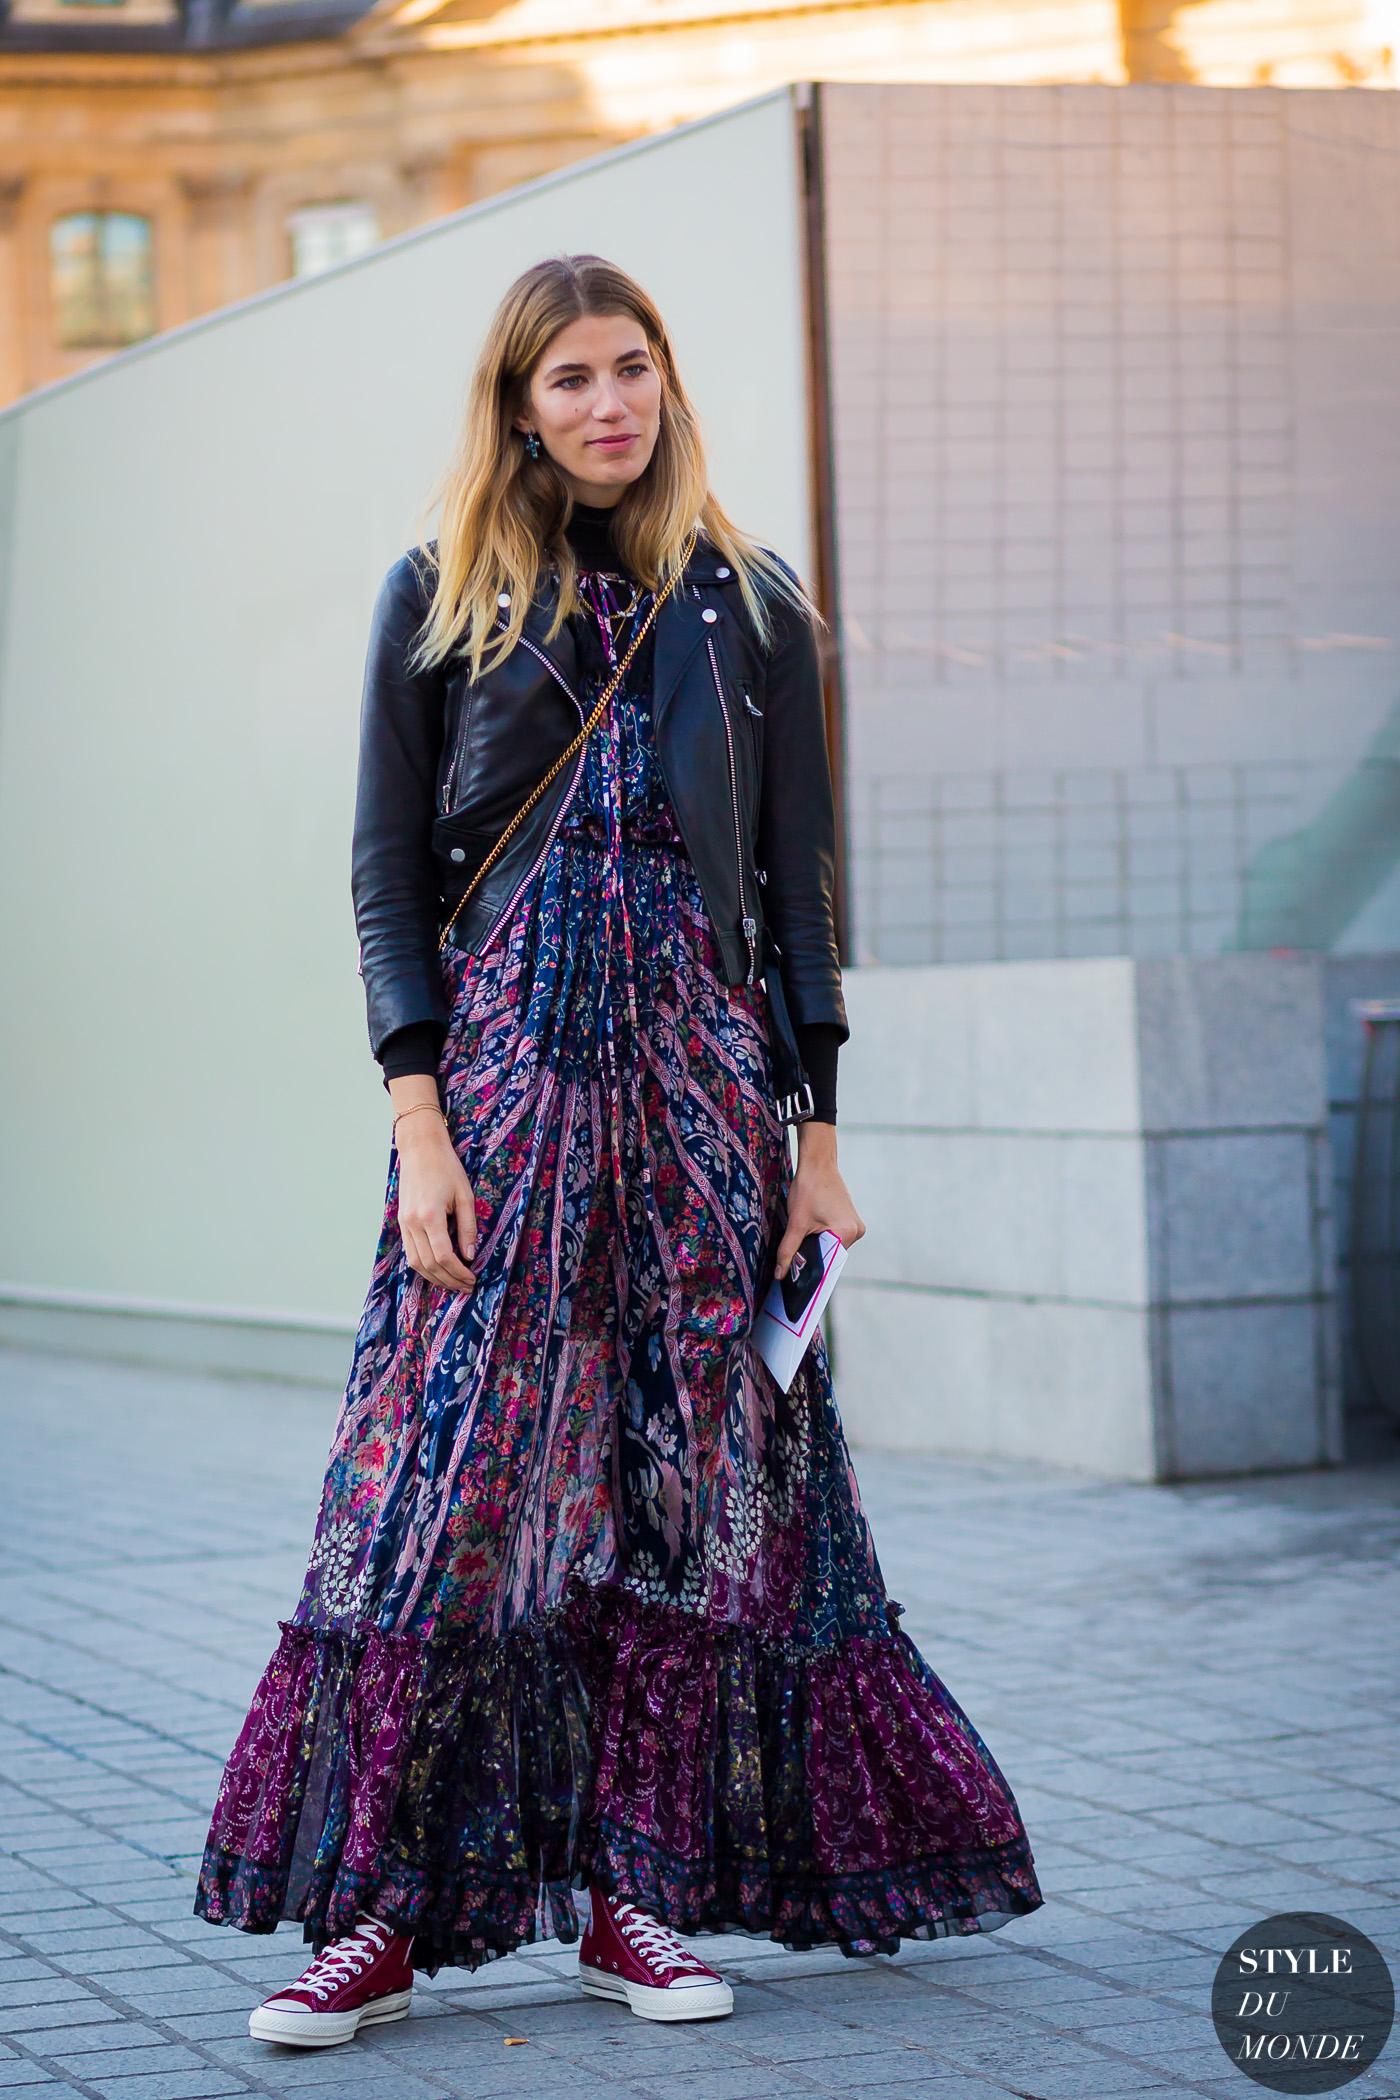 thời trang công sở với đầm họa tiết hoa dáng dài và áo khoác da